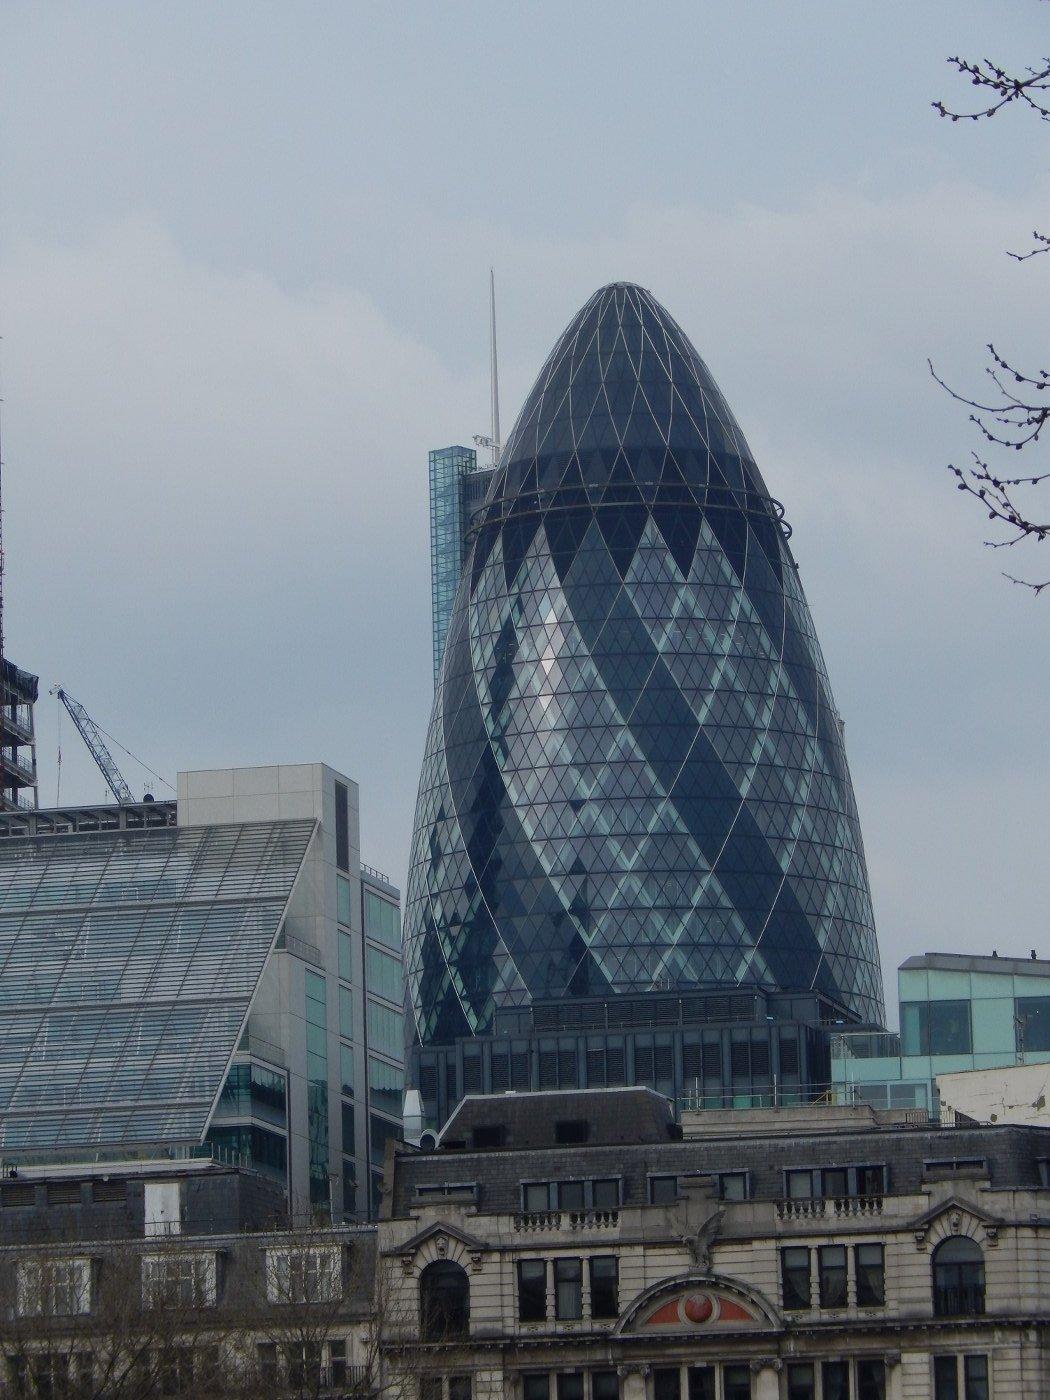 2017_03_22-25_london-83